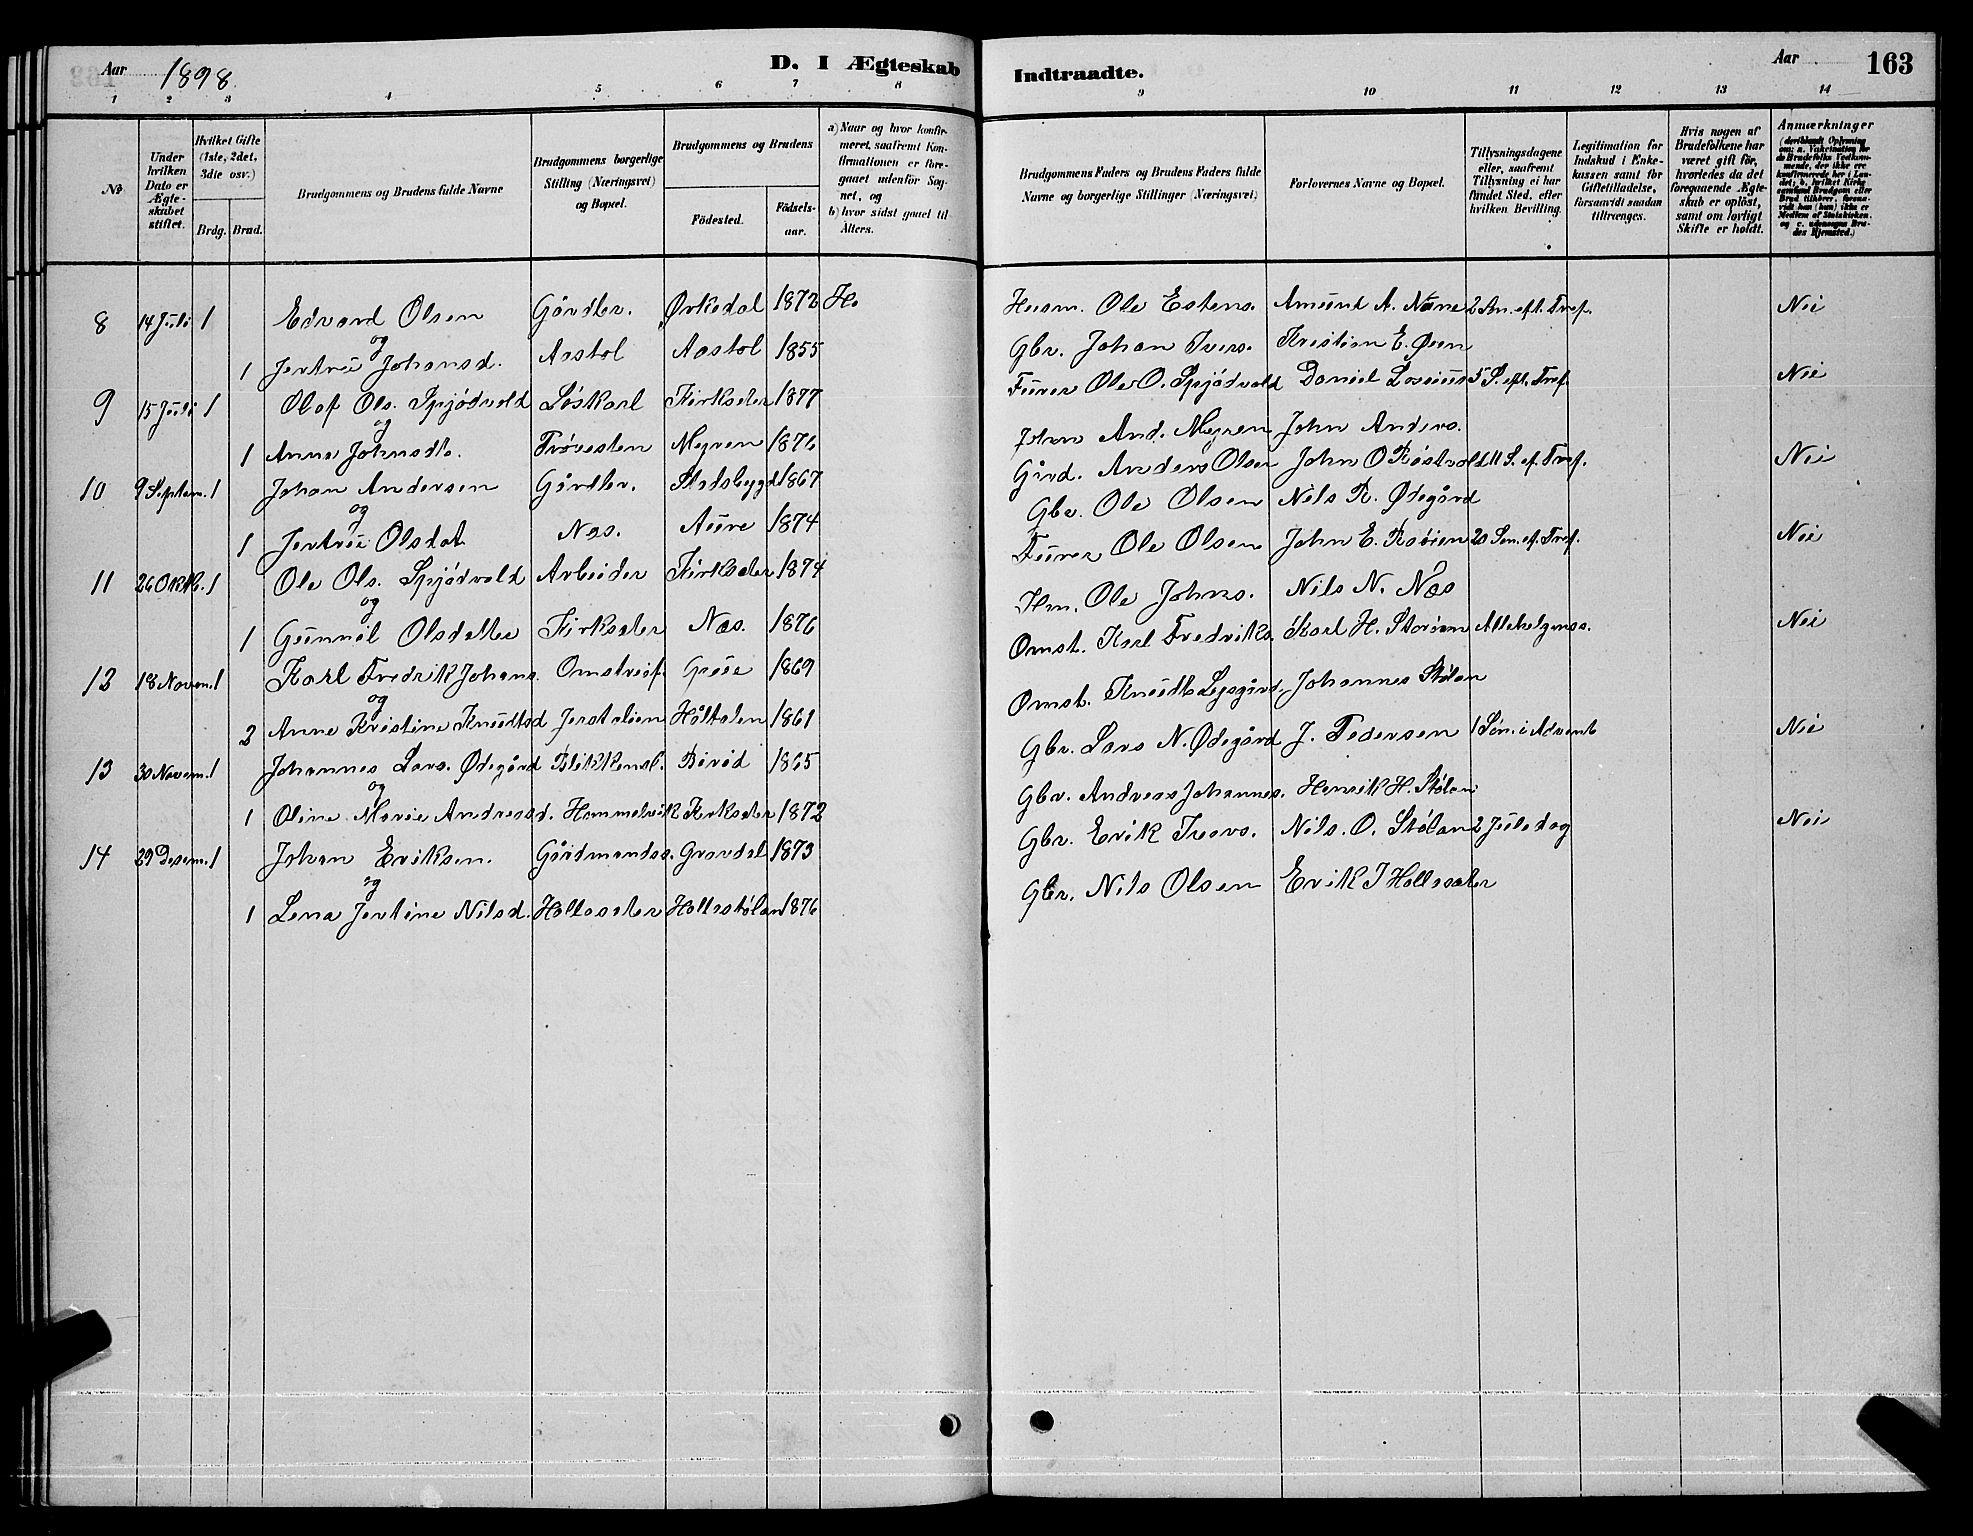 SAT, Ministerialprotokoller, klokkerbøker og fødselsregistre - Sør-Trøndelag, 630/L0504: Klokkerbok nr. 630C02, 1879-1898, s. 163